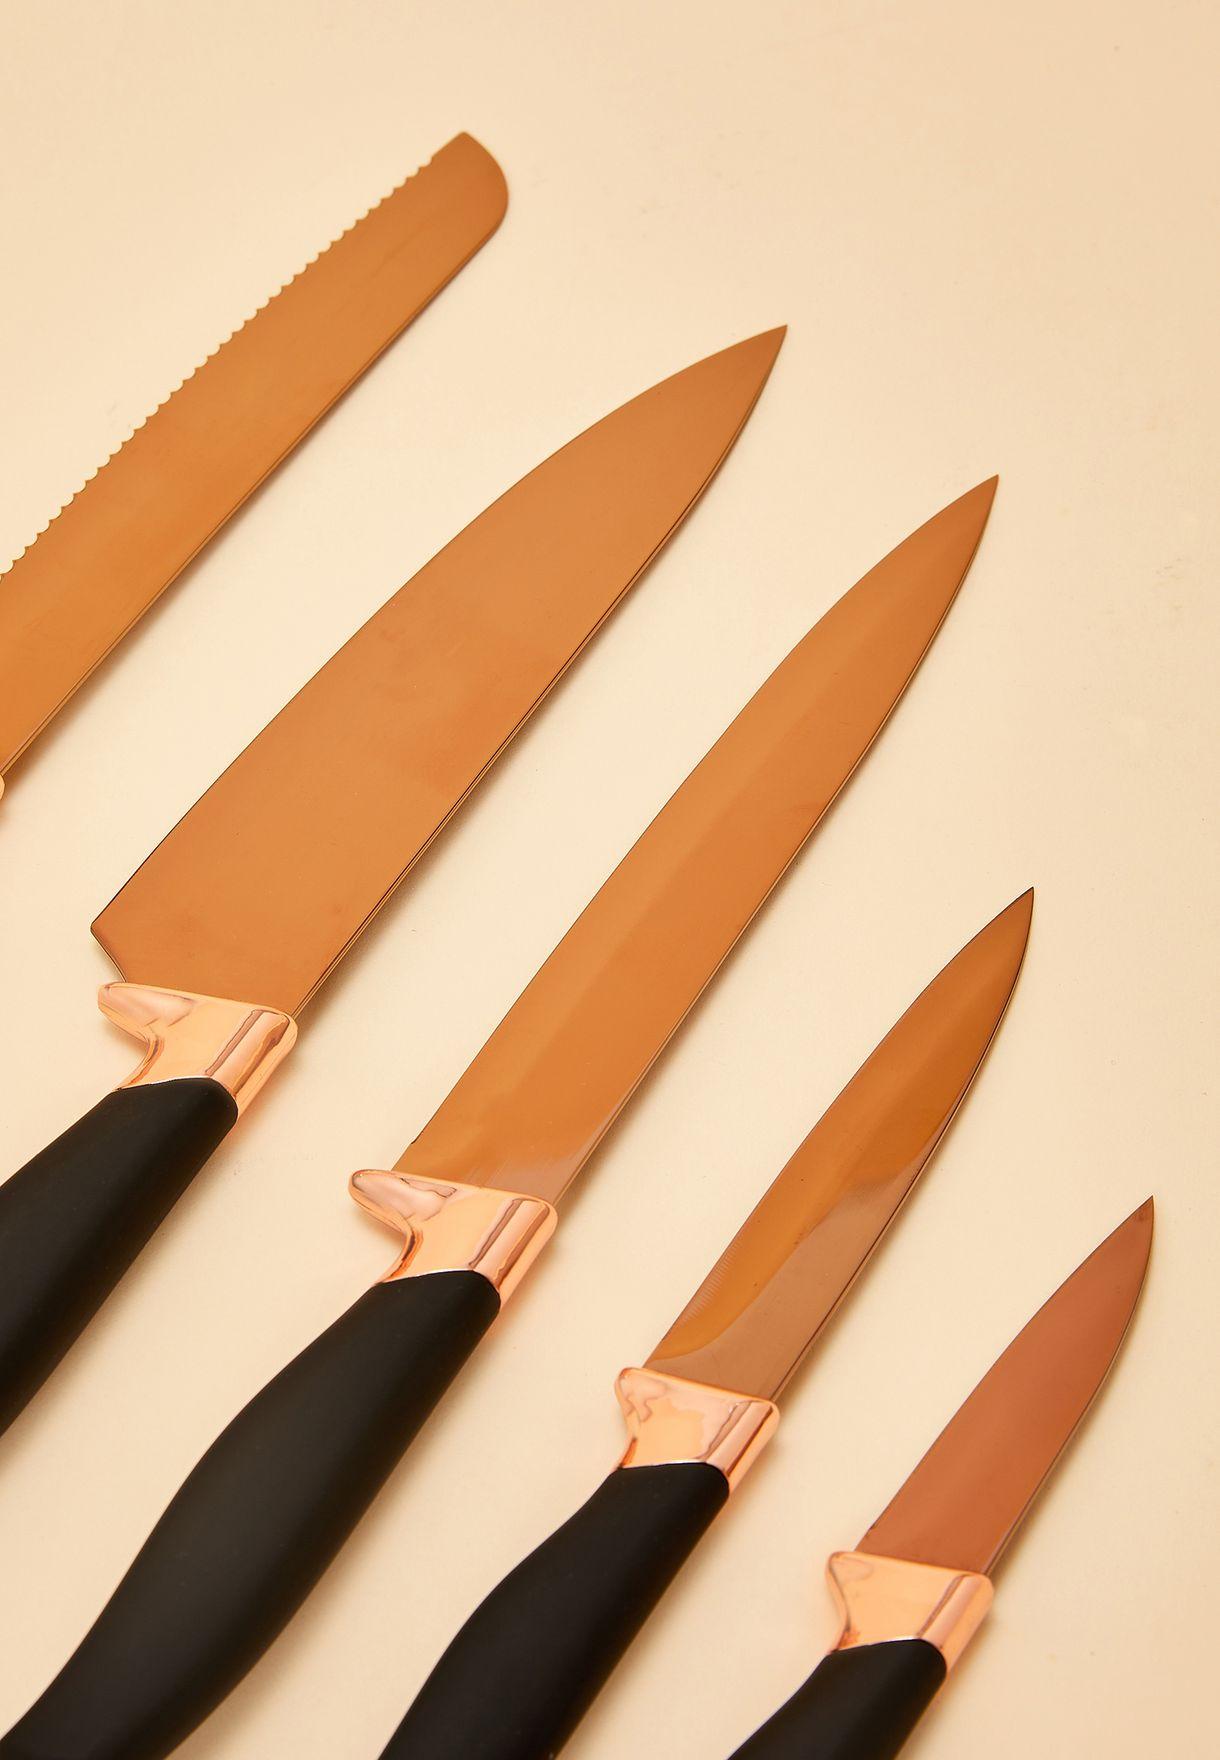 5 Pack Knife Set